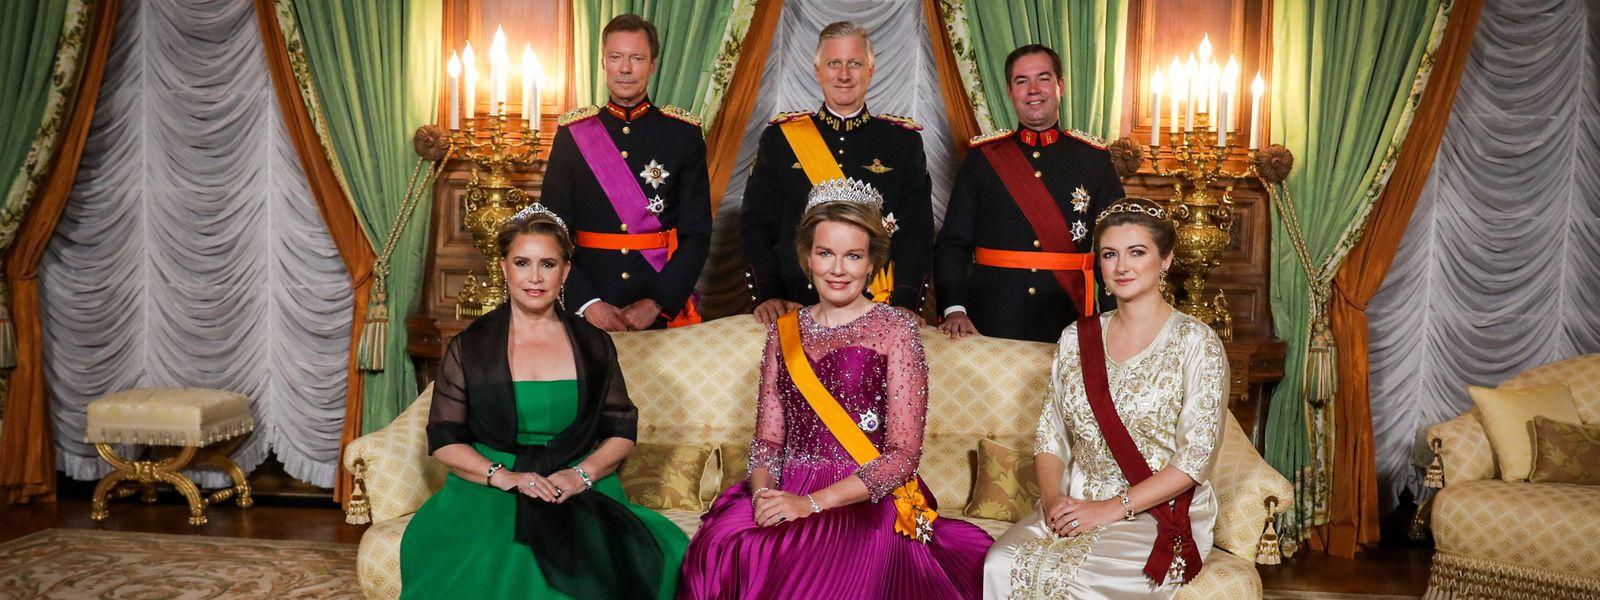 Großherzogin Maria Teresa trug bei dem Galadinner im Palais am Mittwochabend als einzige keine Schärpe.